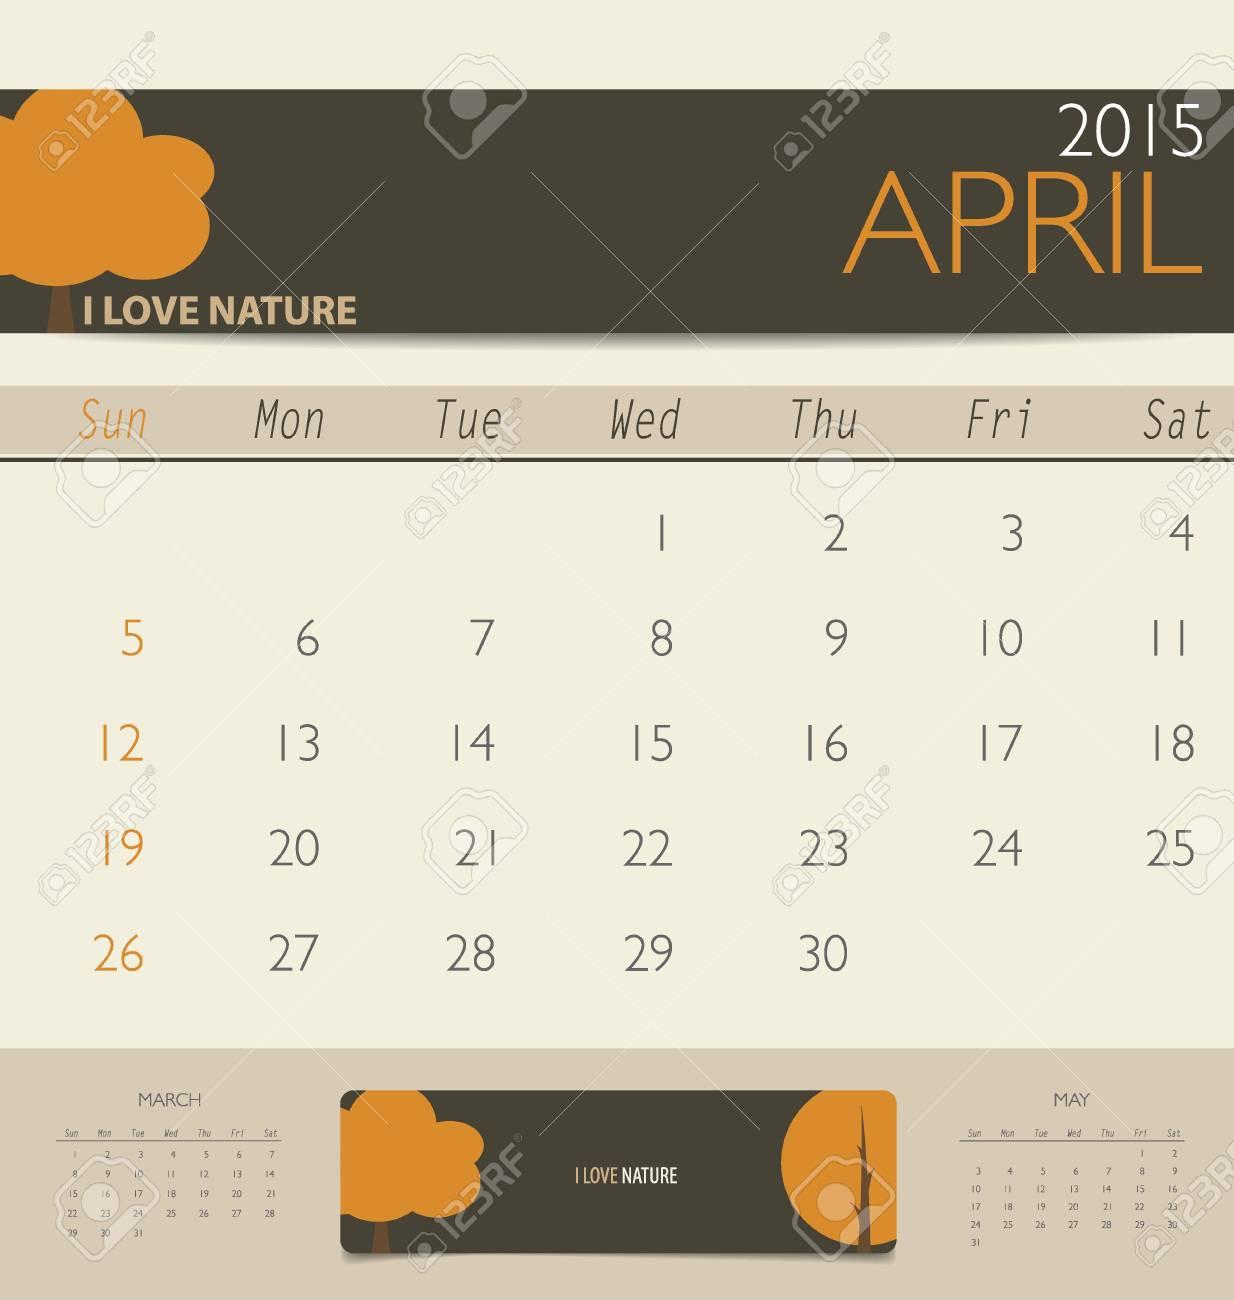 2015 Kalender, Monatskalender Vorlage Für April. Vektor-Illustration ...